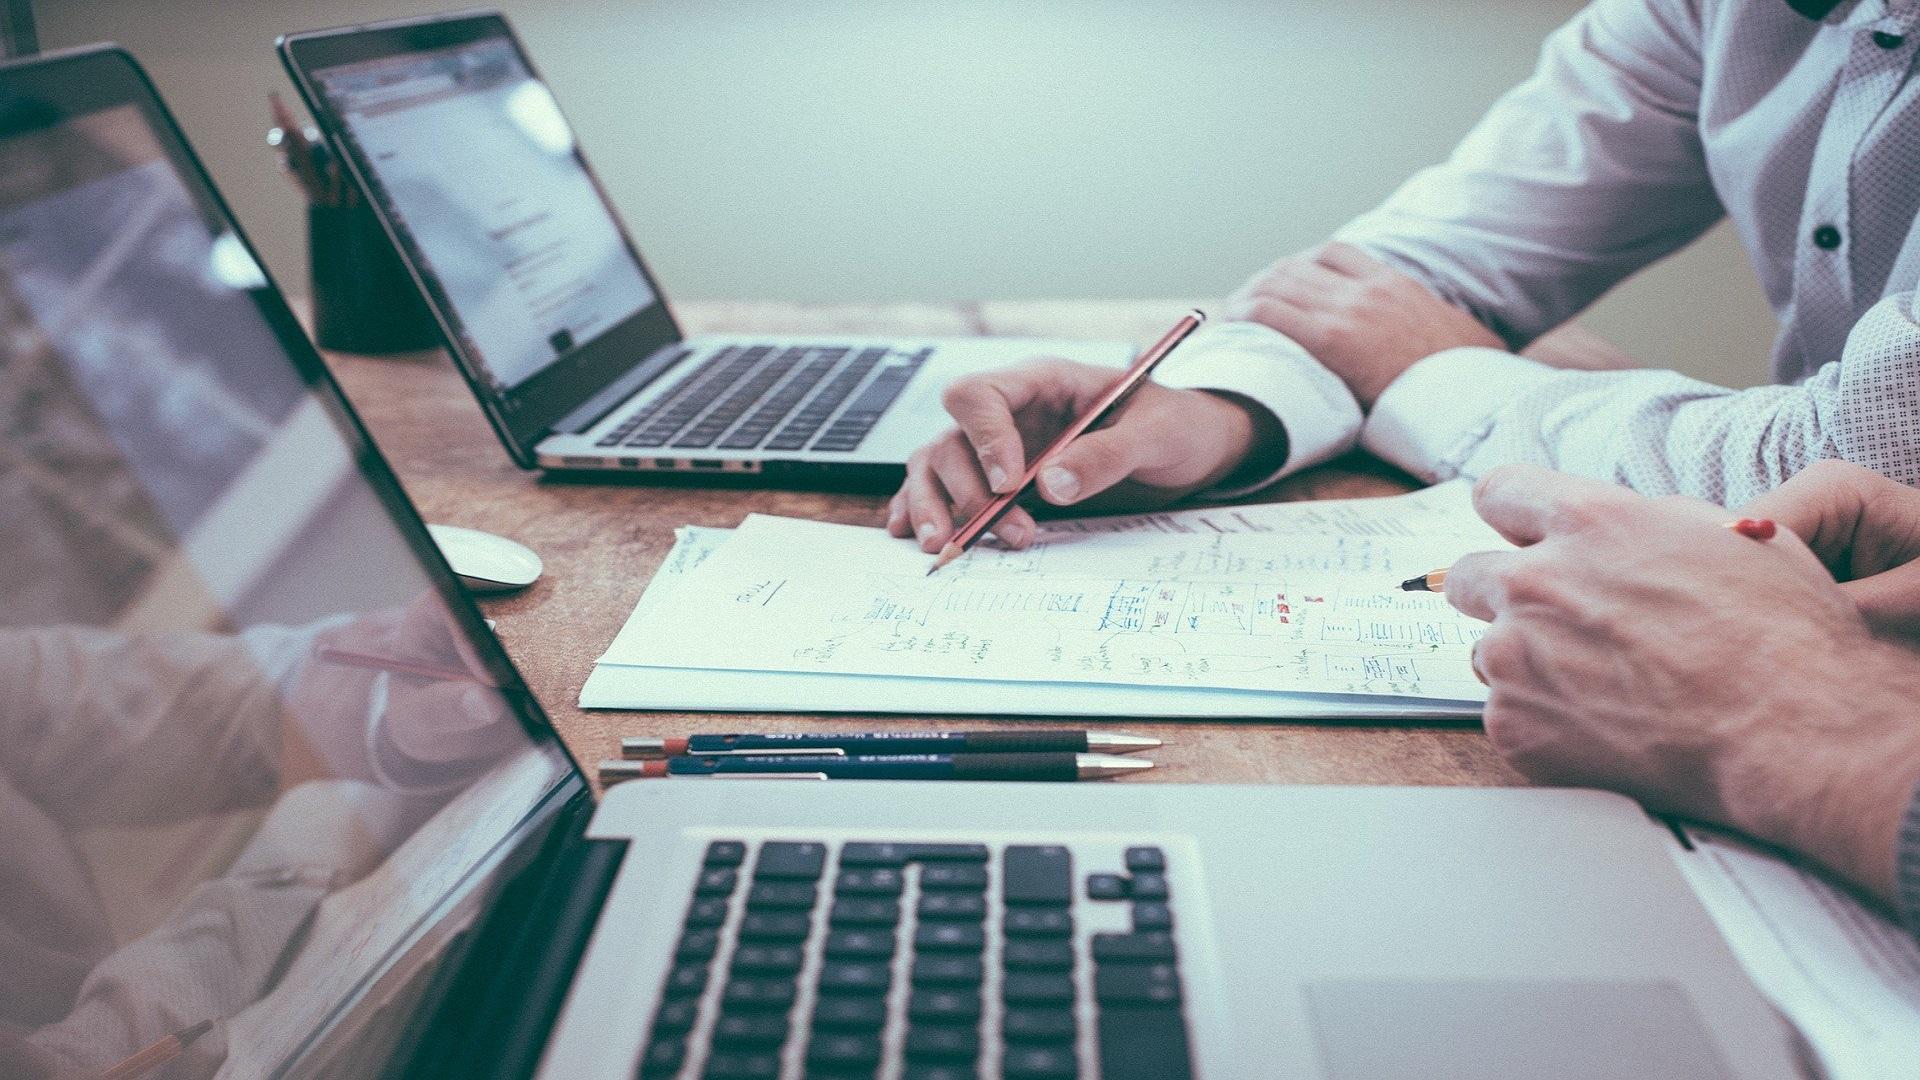 Na stole stoją otwarte dwa laptopy a recę dwóch osób znajdują się nad obszernymi notatkami.